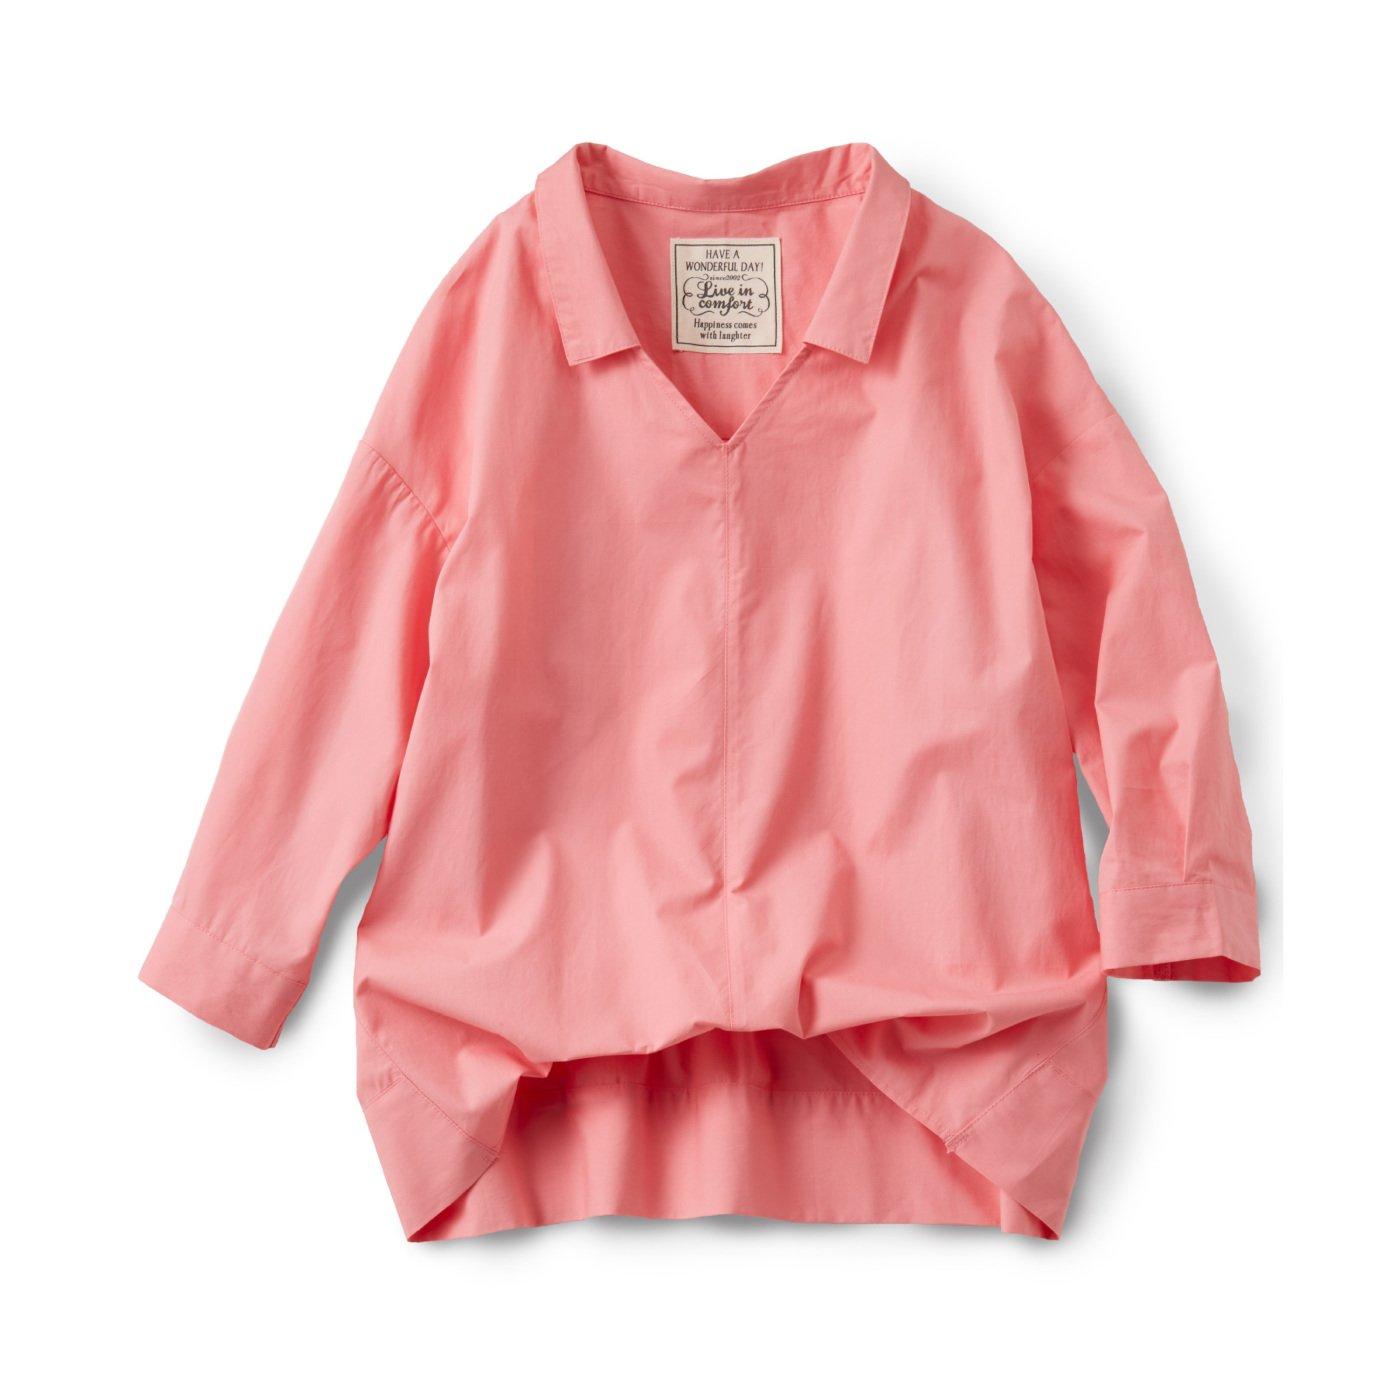 リブ イン コンフォート ゆるシルエットできゃしゃ見せ フロントインしているみたいなこなれスキッパー風プルオーバーシャツ〈ピンク〉